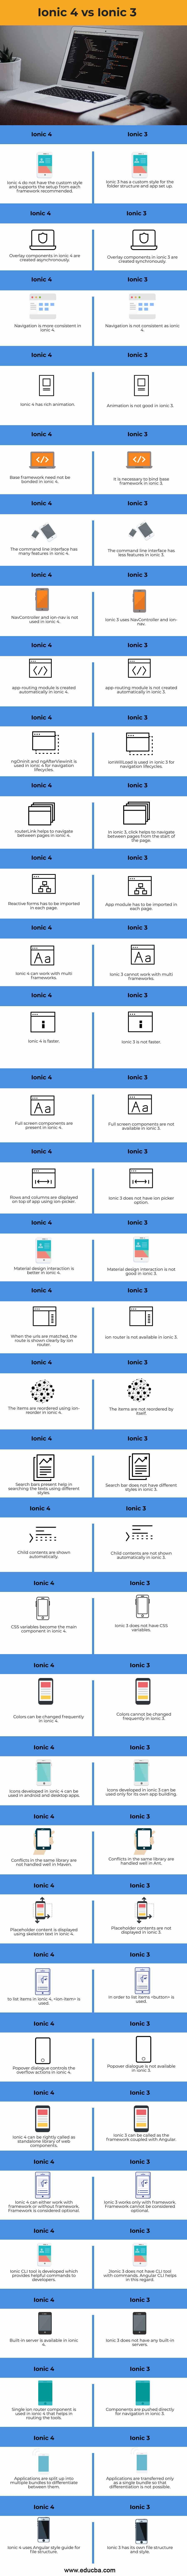 Ionic-4-vs-Ionic-3-info